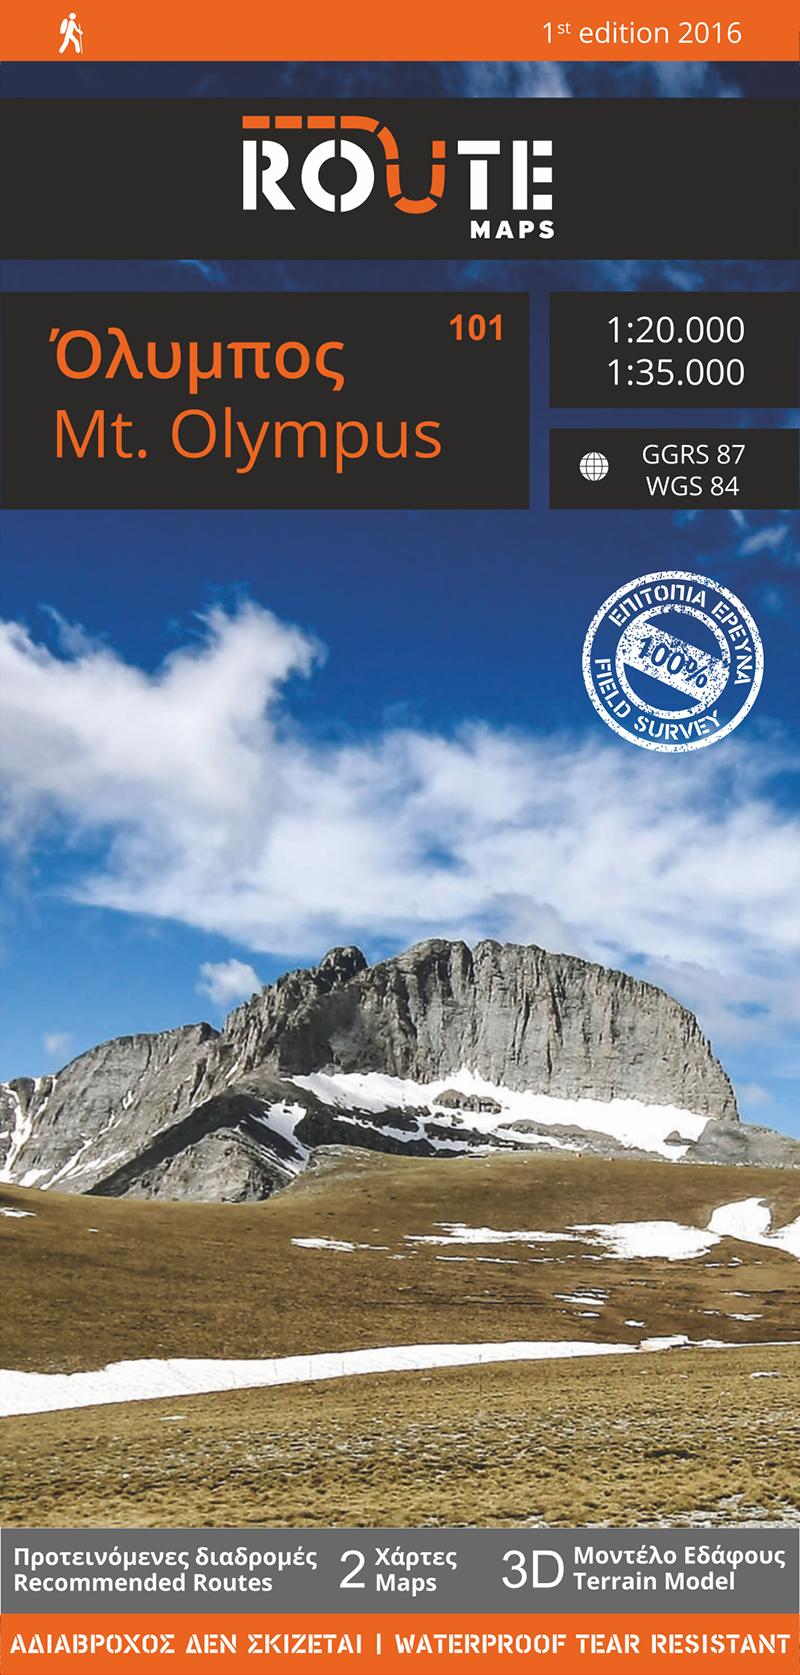 Το εξώφυλλο του έντυπου πεζοπορικού χάρτη για τον Όλυμπο από τη ROUTE maps.